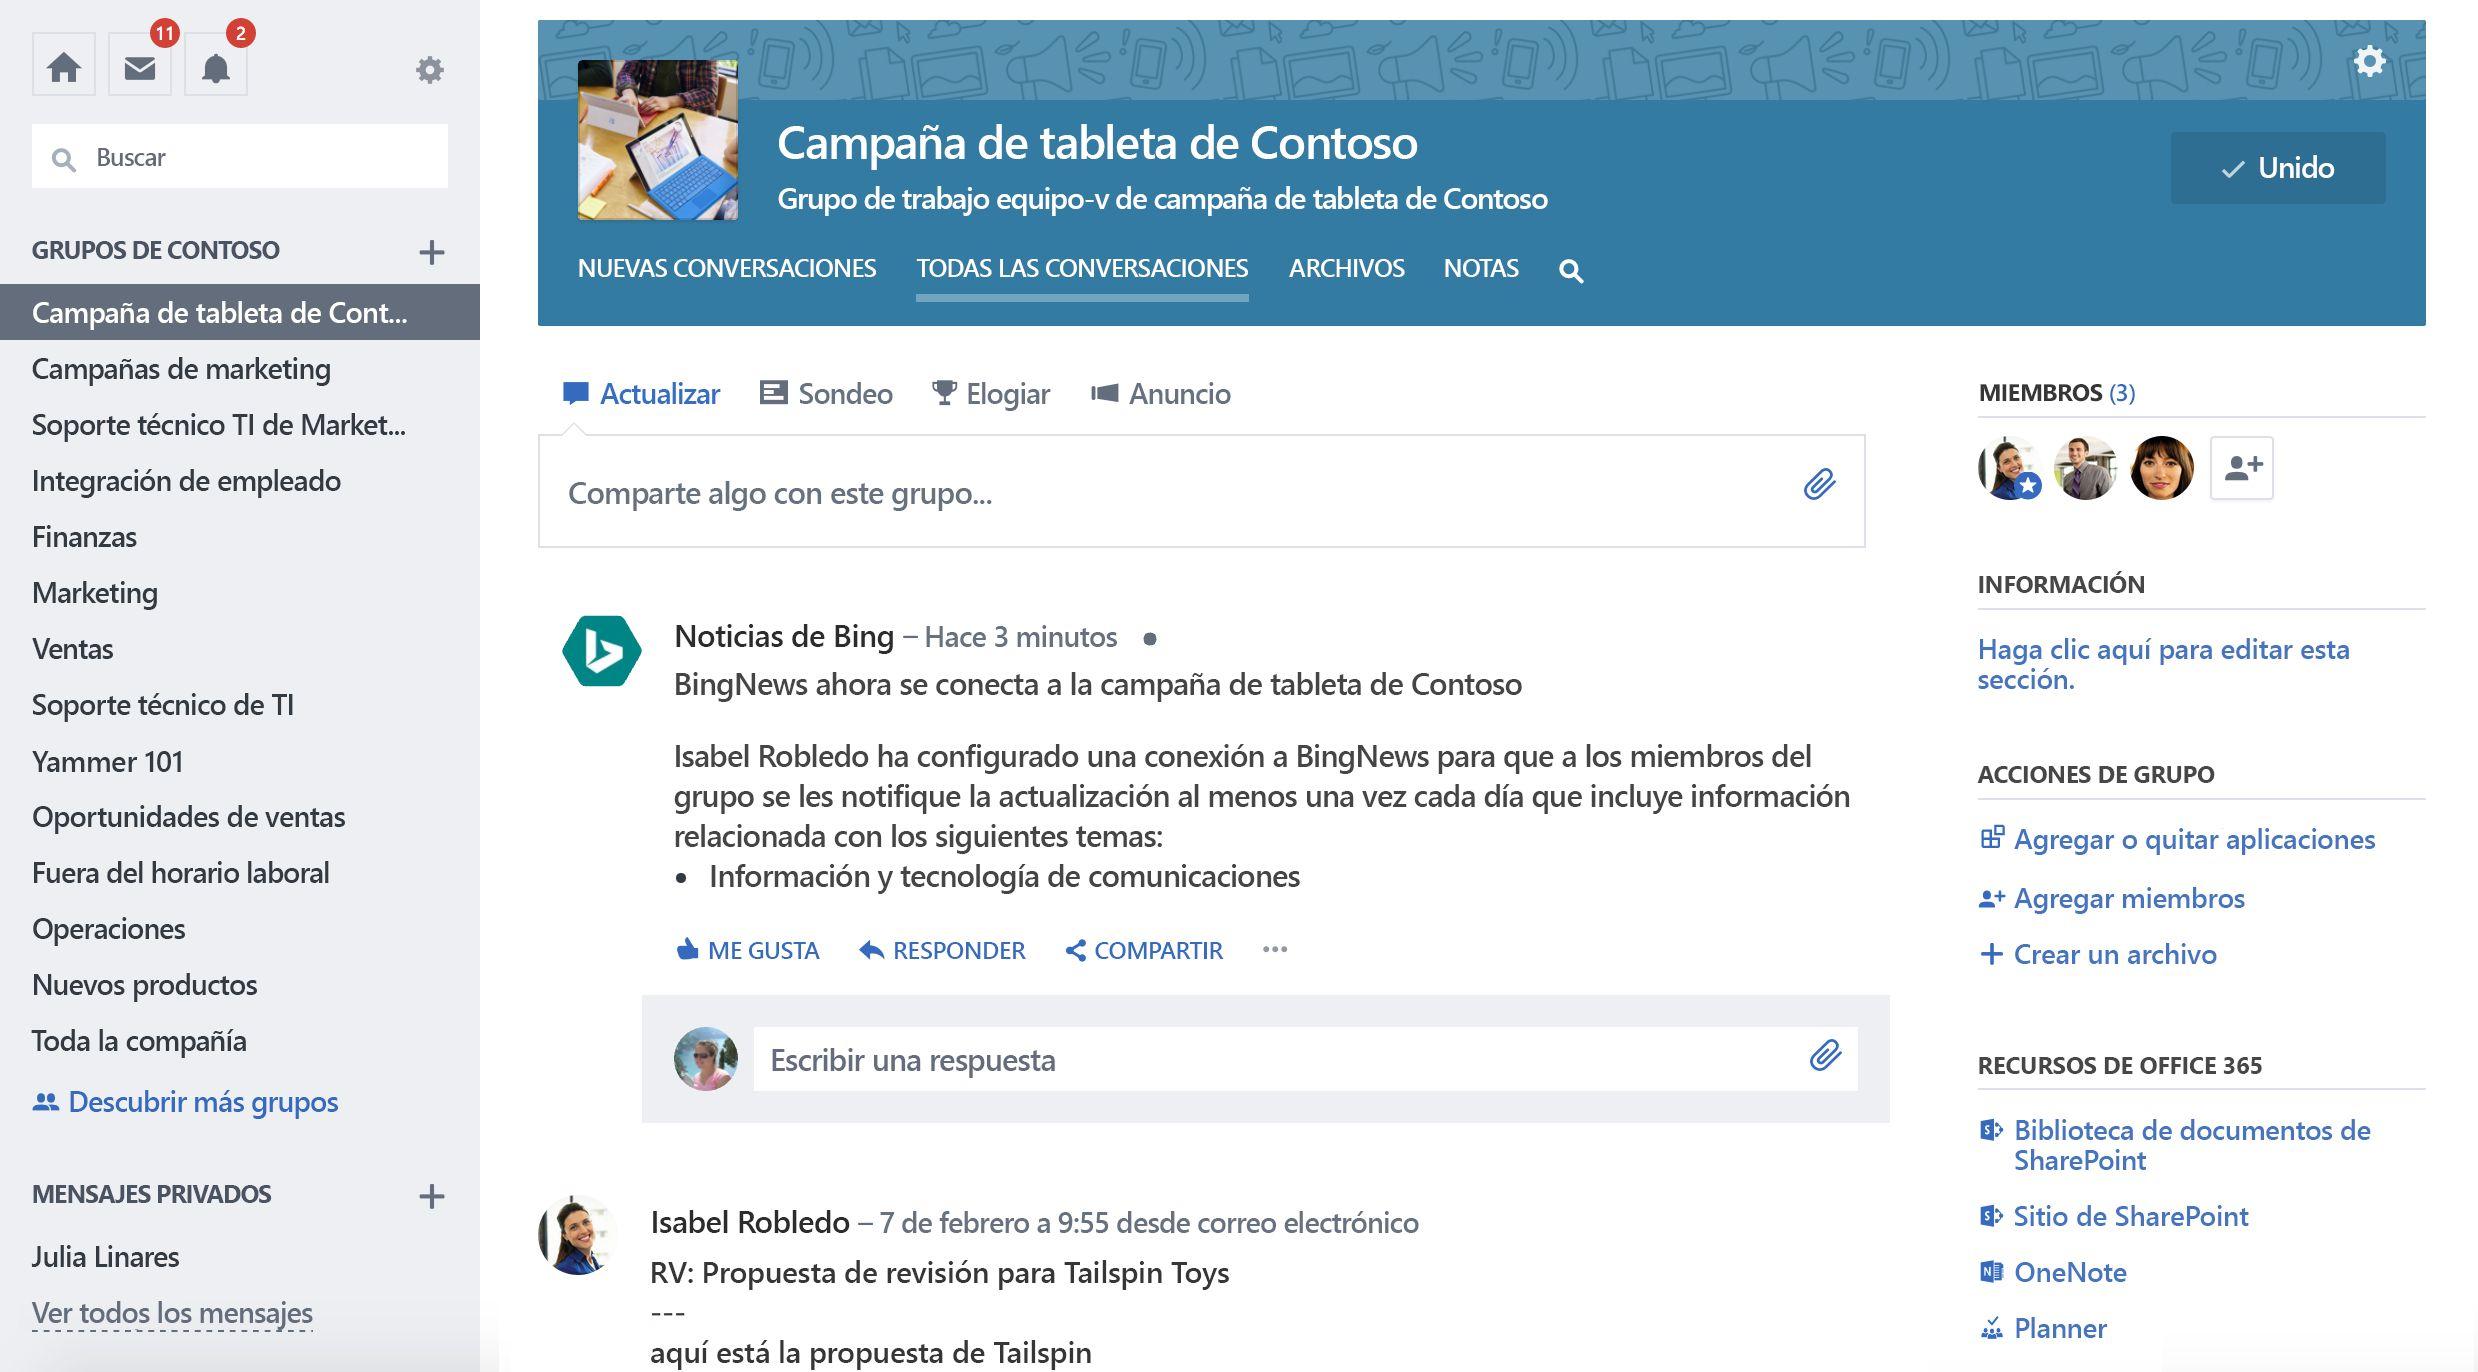 Captura de pantalla de Office 365 conectado grupo Yammer con la nueva conexión